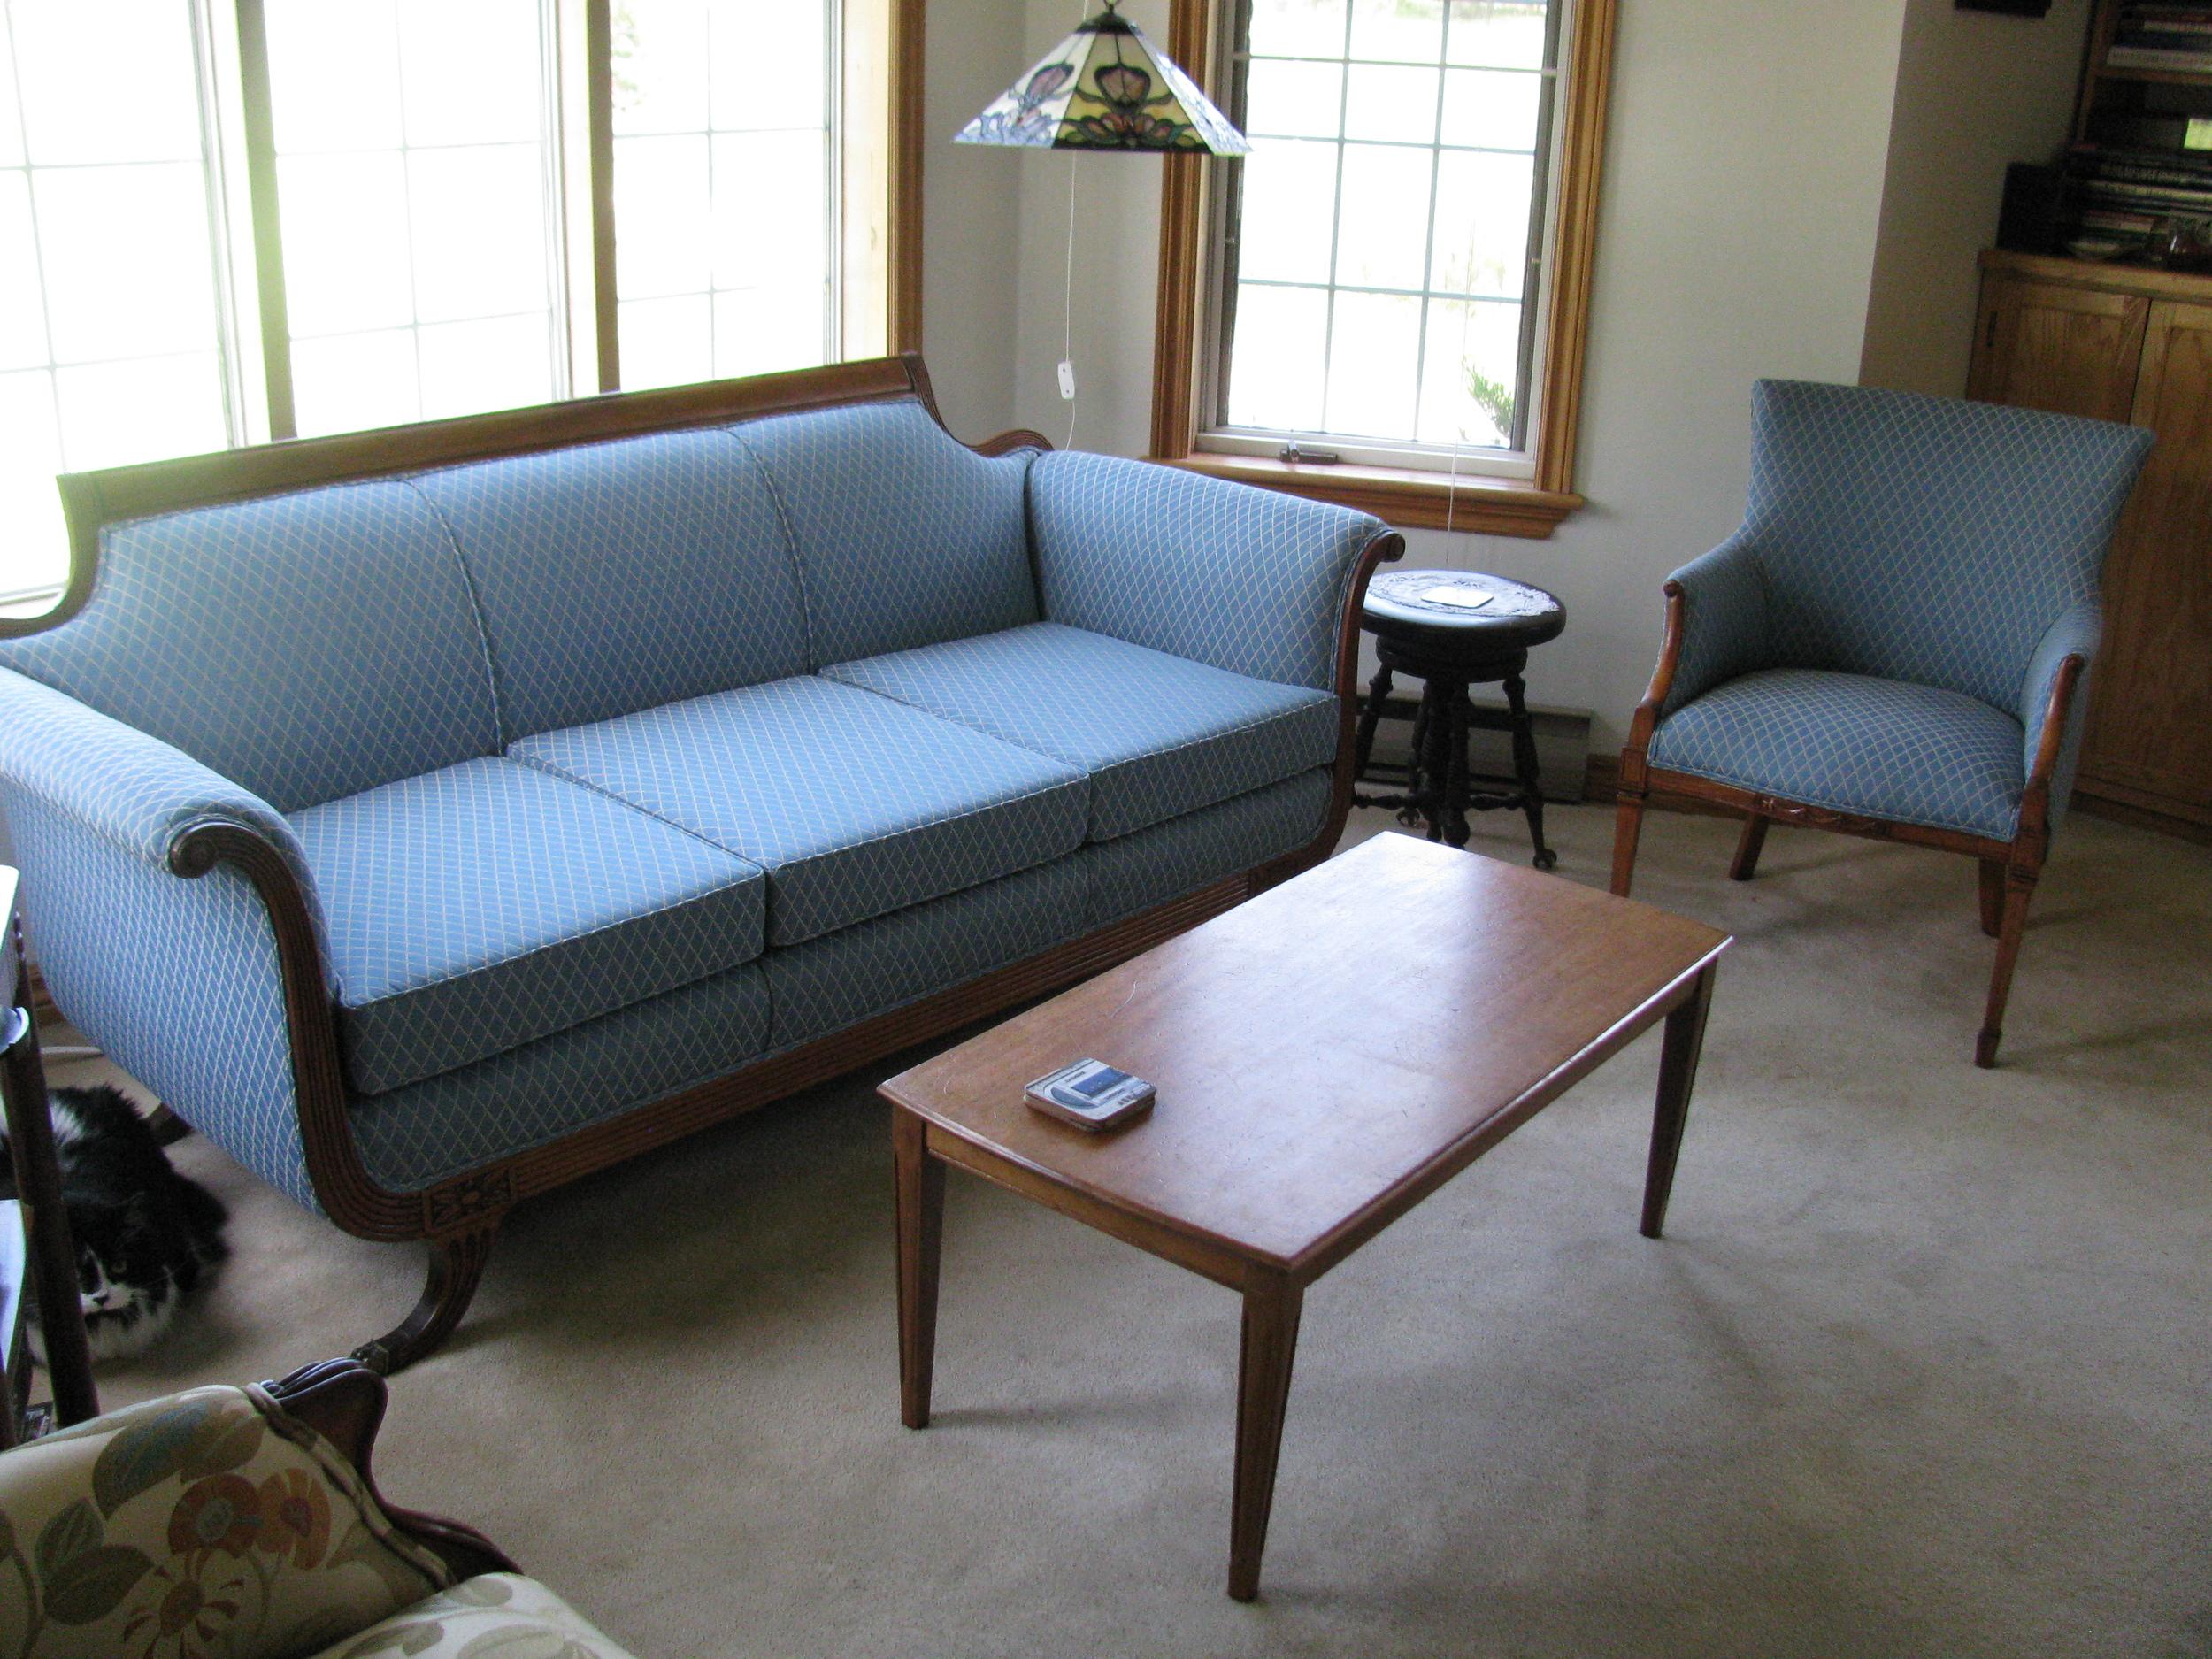 Rembourrage d'un divan et d'un fauteuil